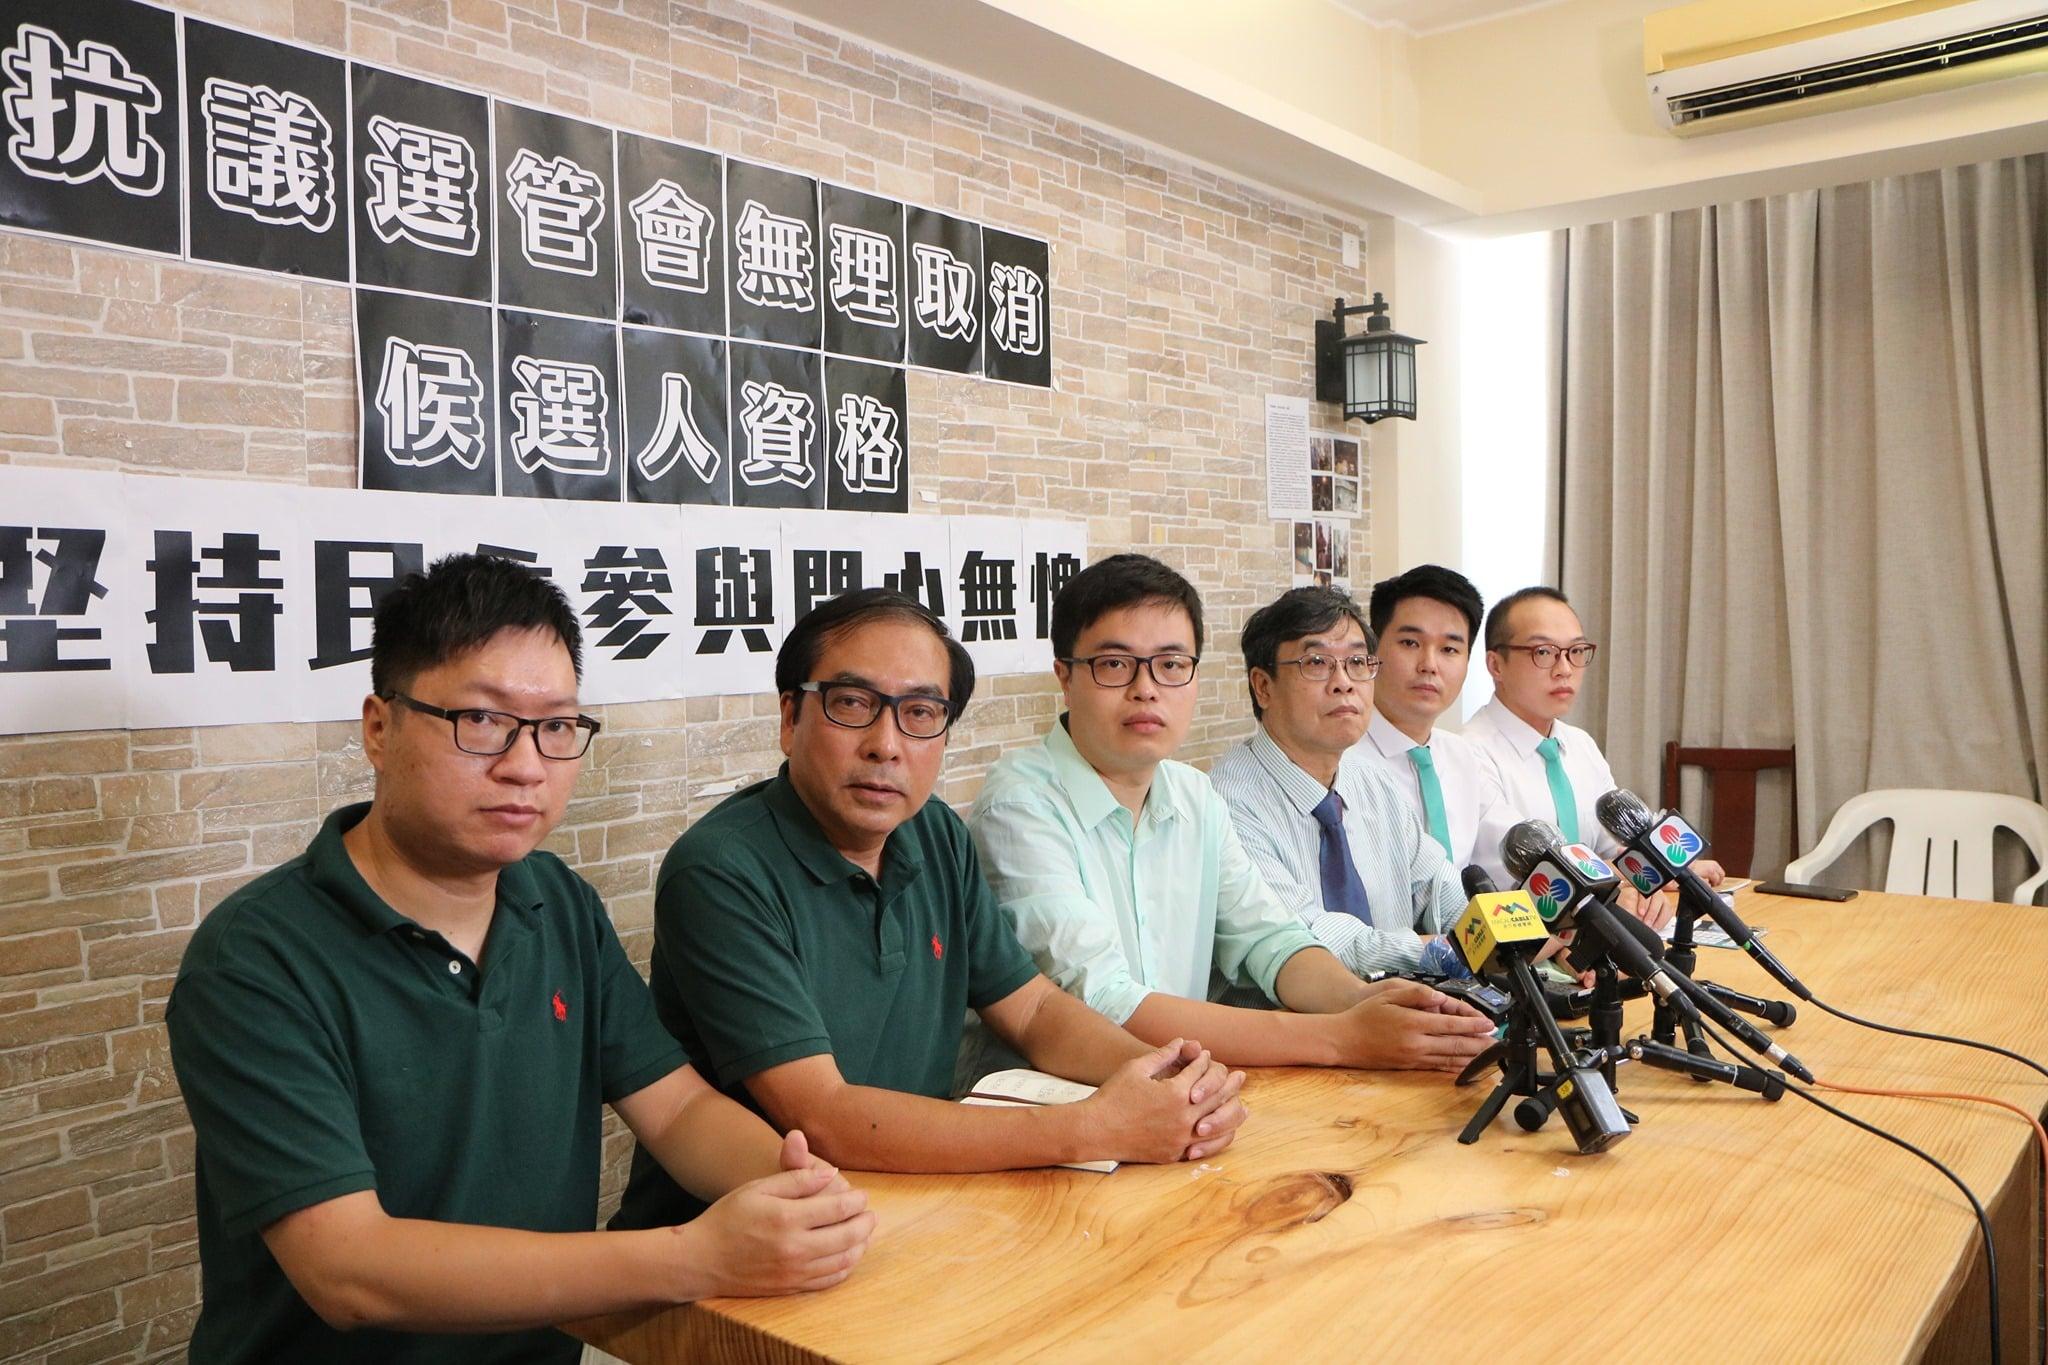 Eleições | CAEAL exclui 21 candidatos por não serem fiéis a Macau